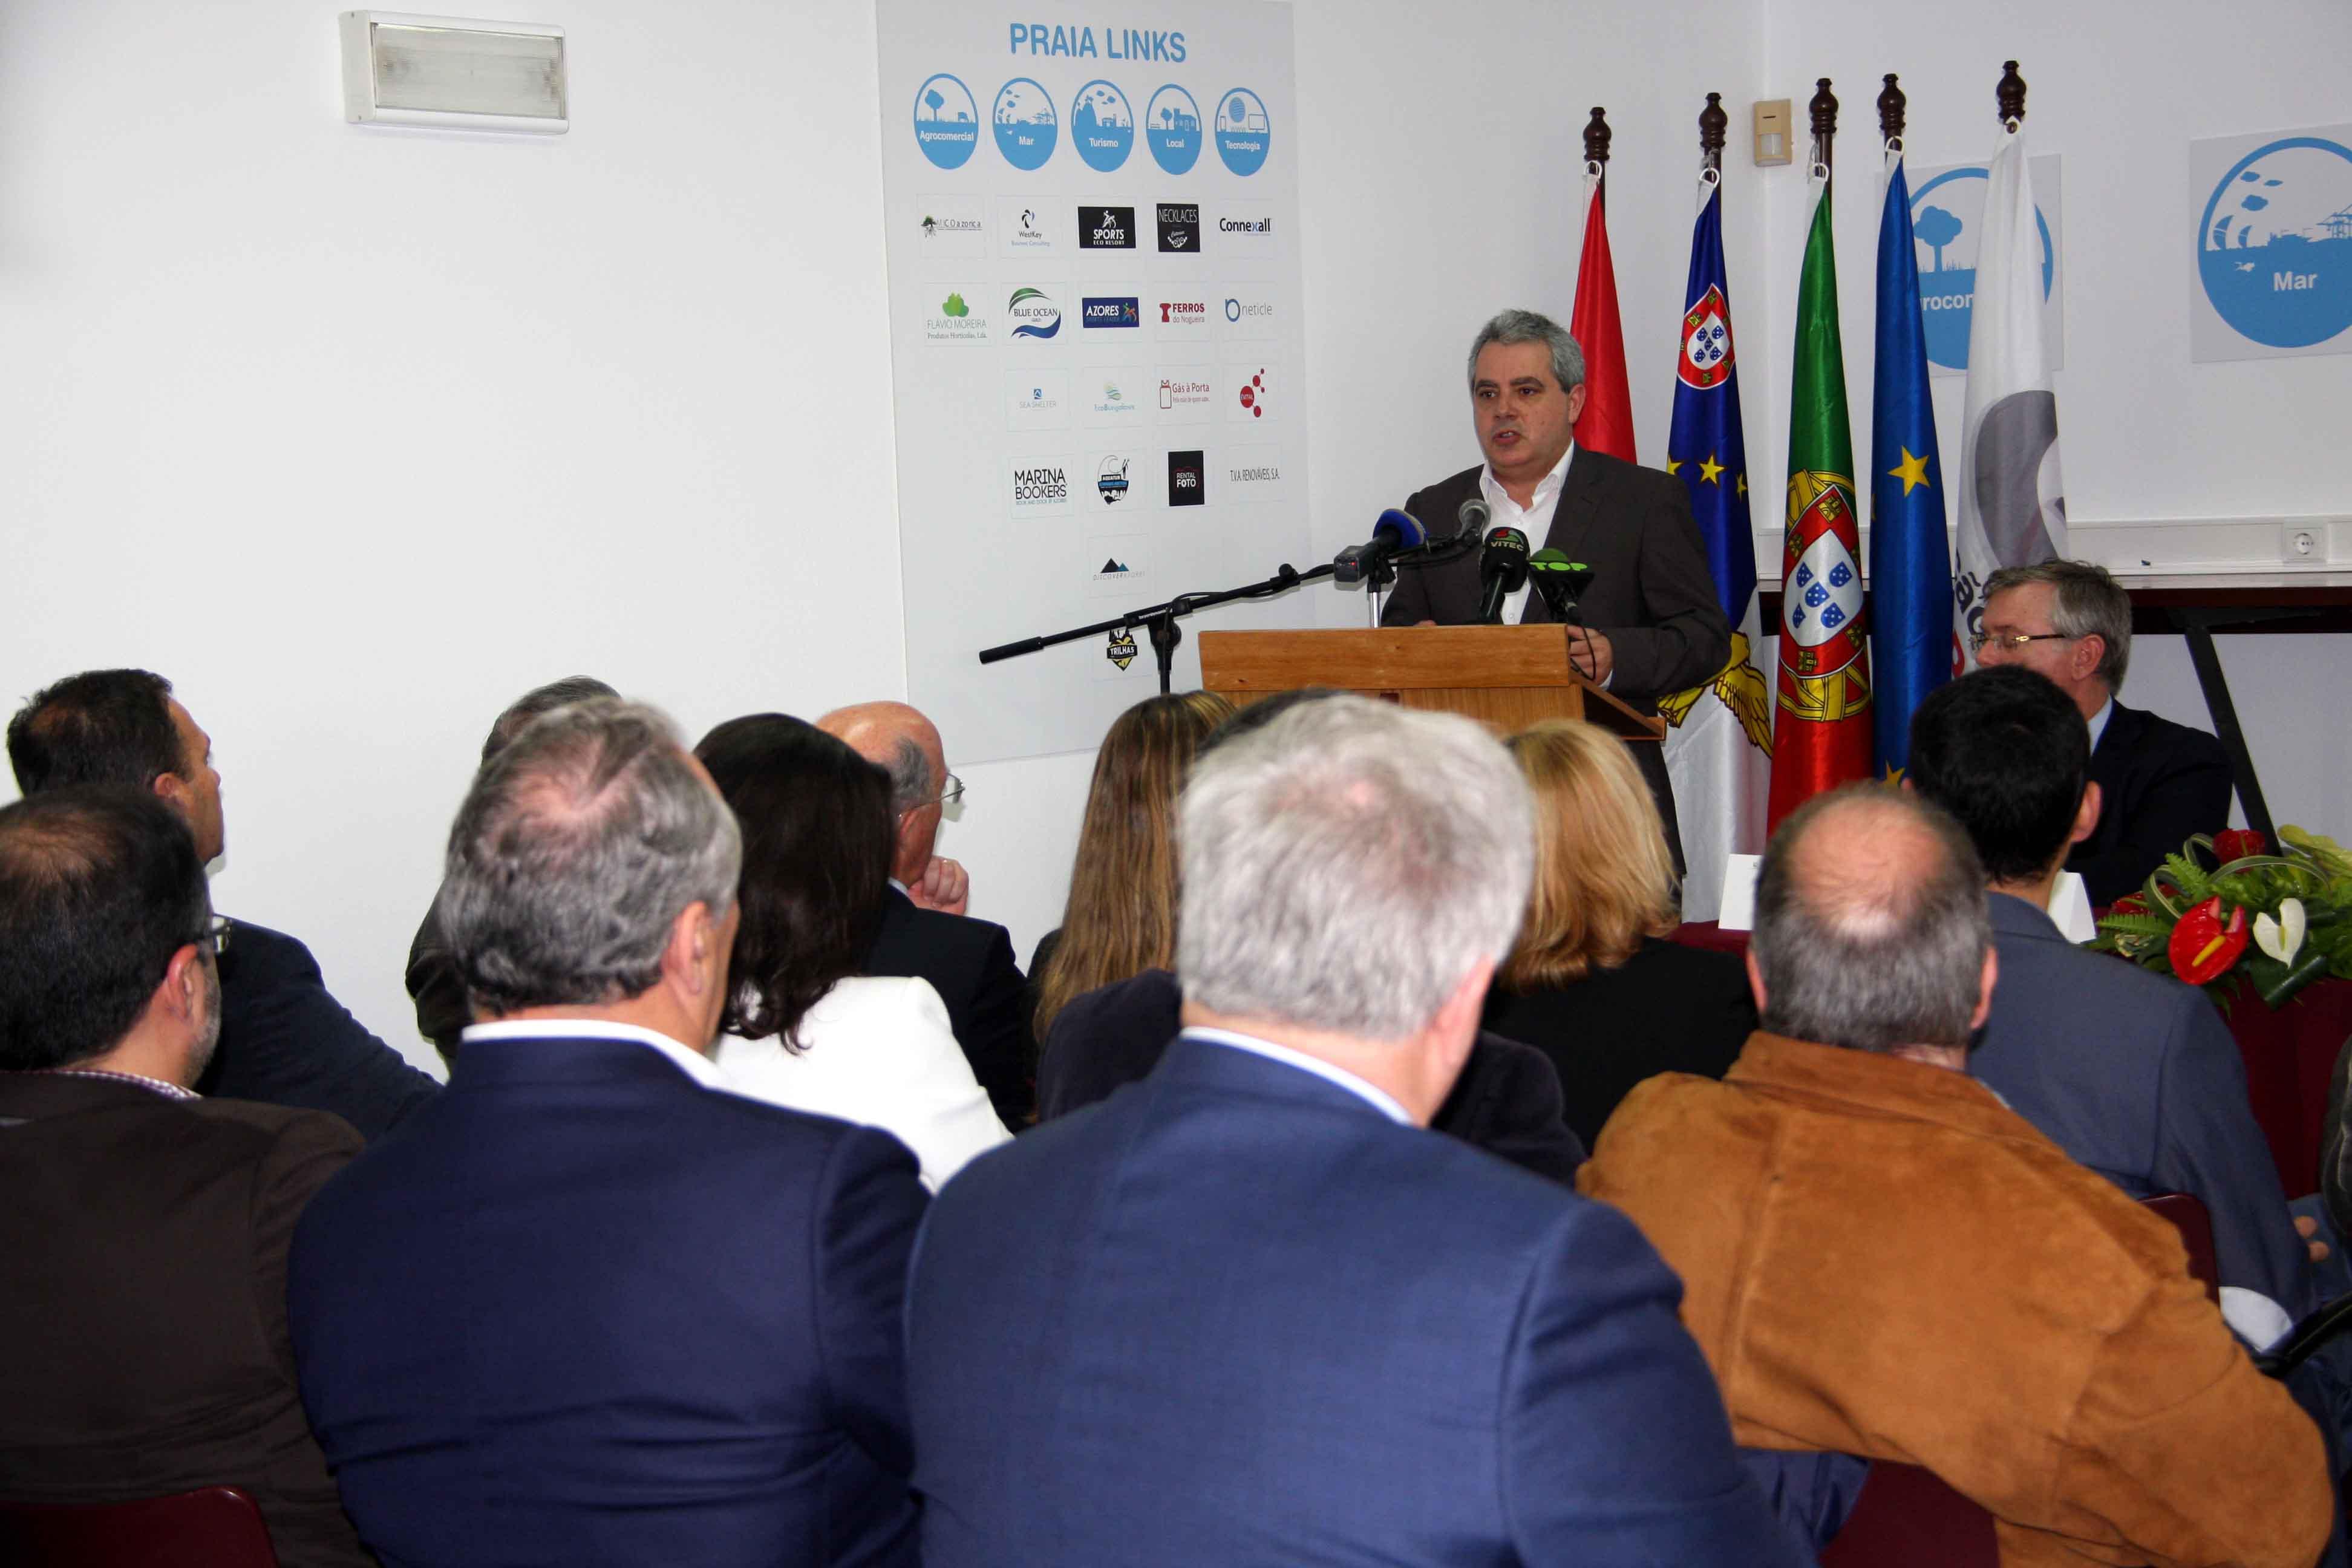 Temos de aproveitar condições favoráveis para captar investimento, afirma Sérgio Ávila